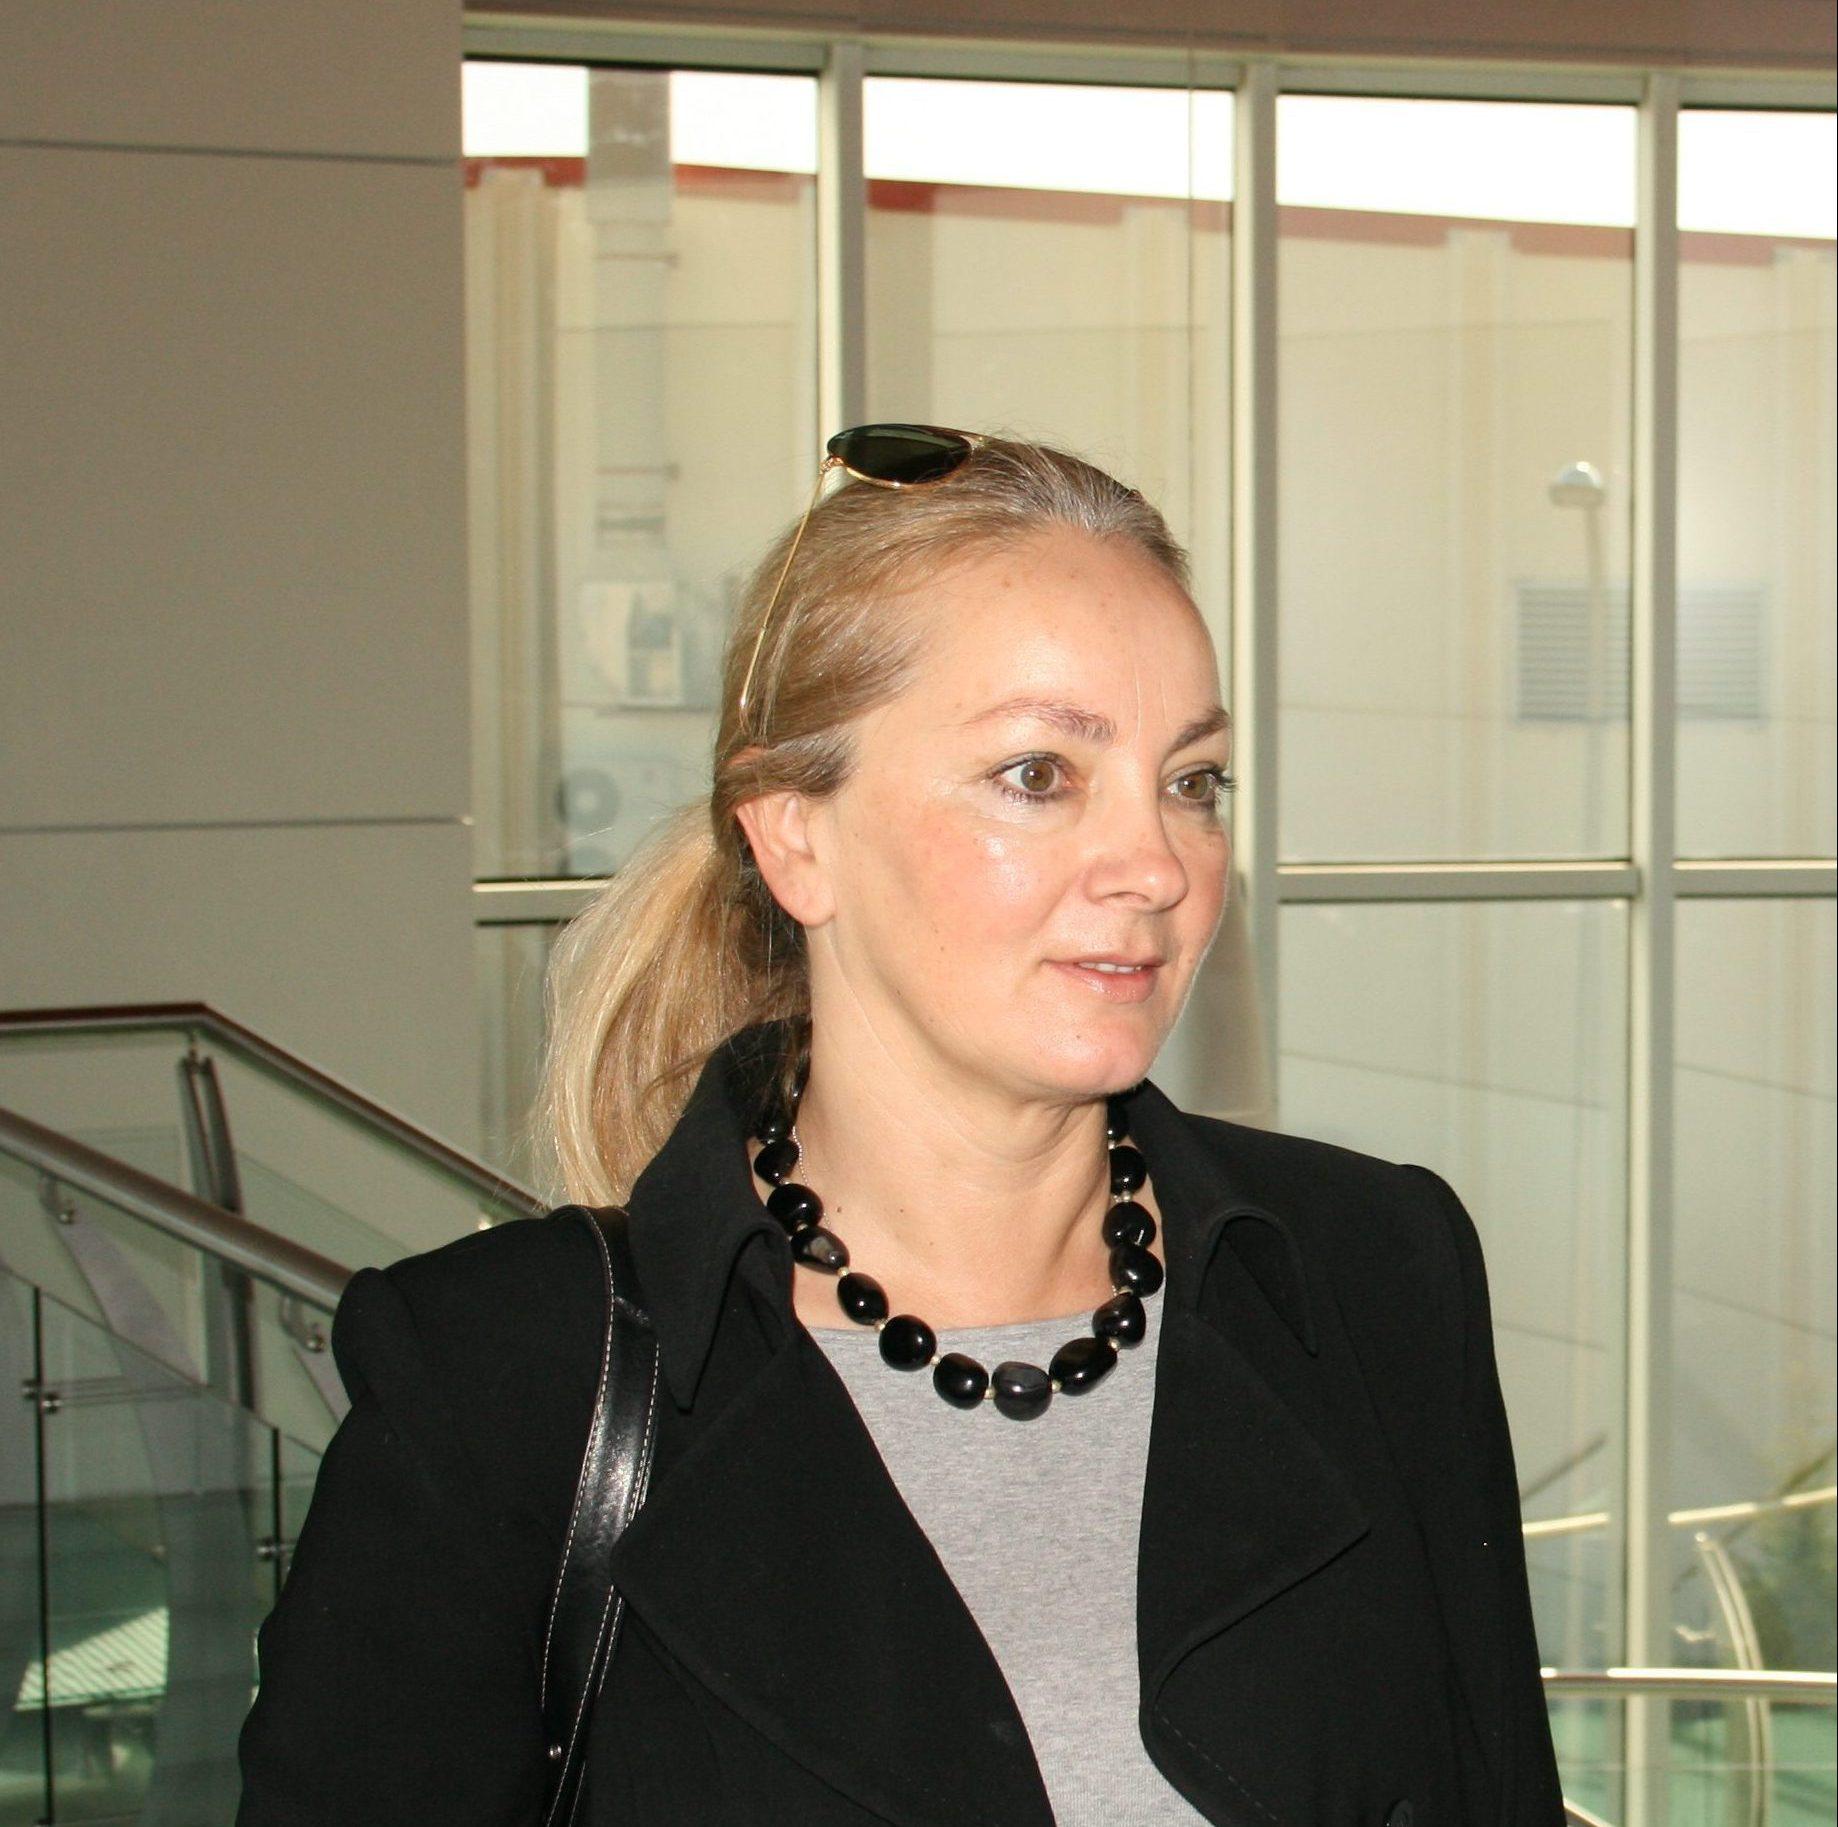 Foto perfil Begoña taboada